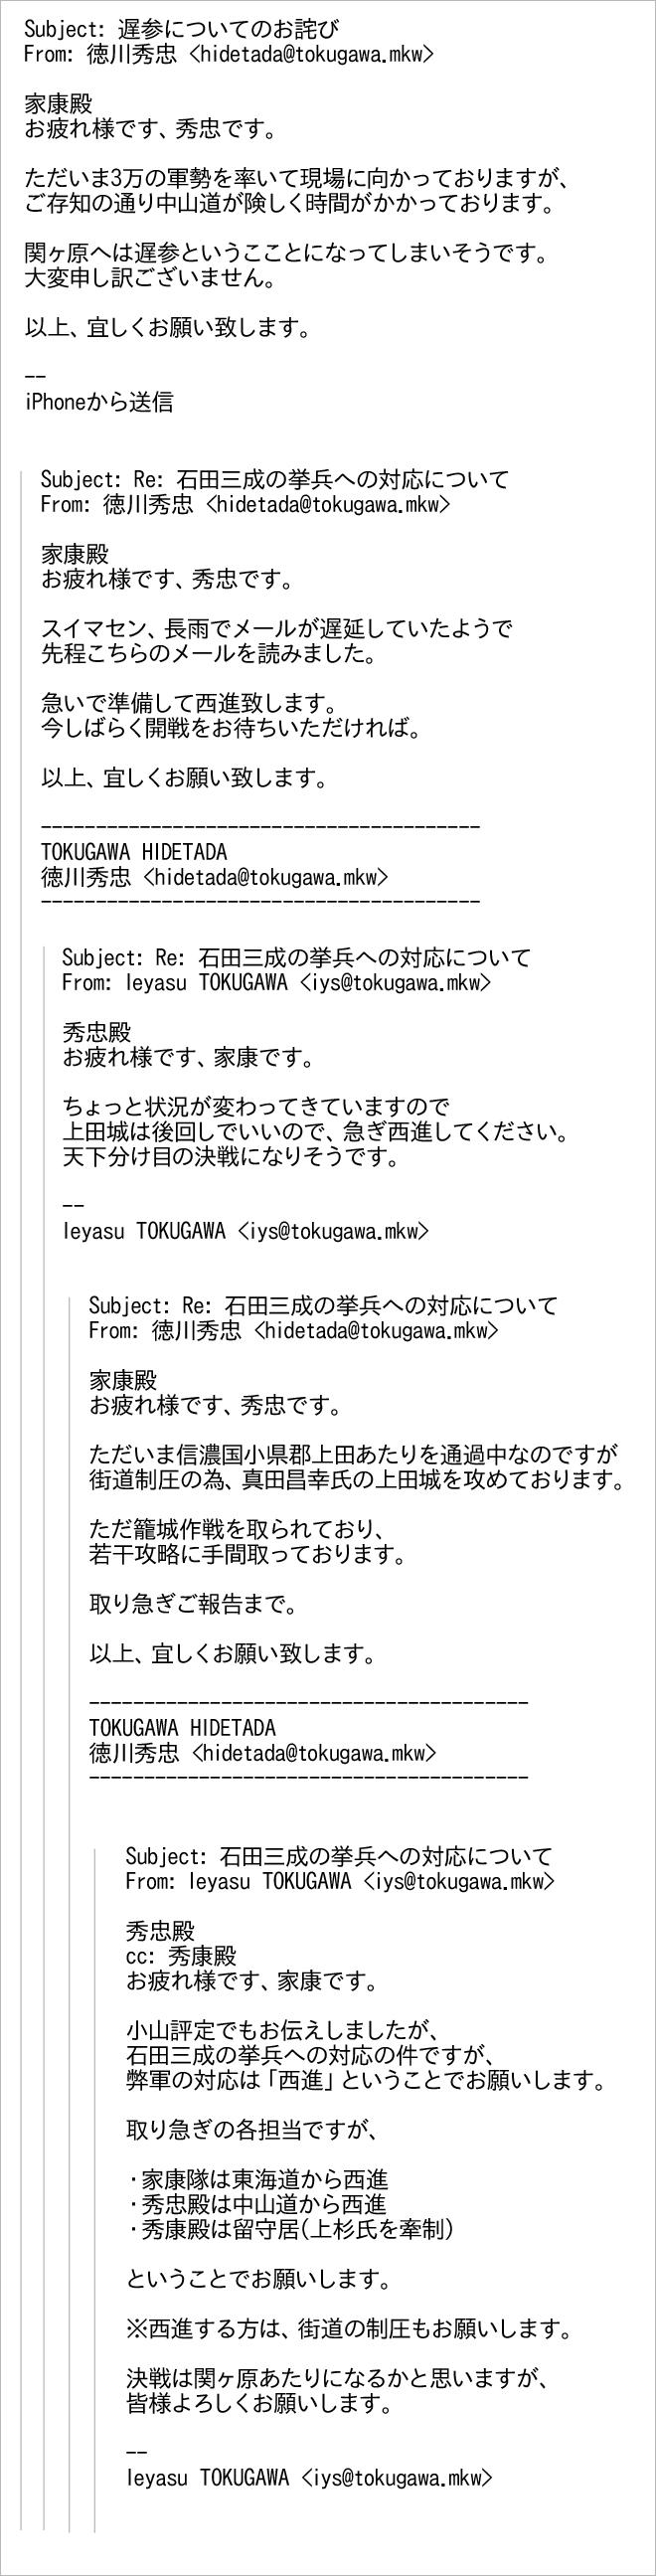 base (クリックで拡大できます) 「今しばらく開戦をお待ち頂ければ」が物悲し... 徳川秀忠